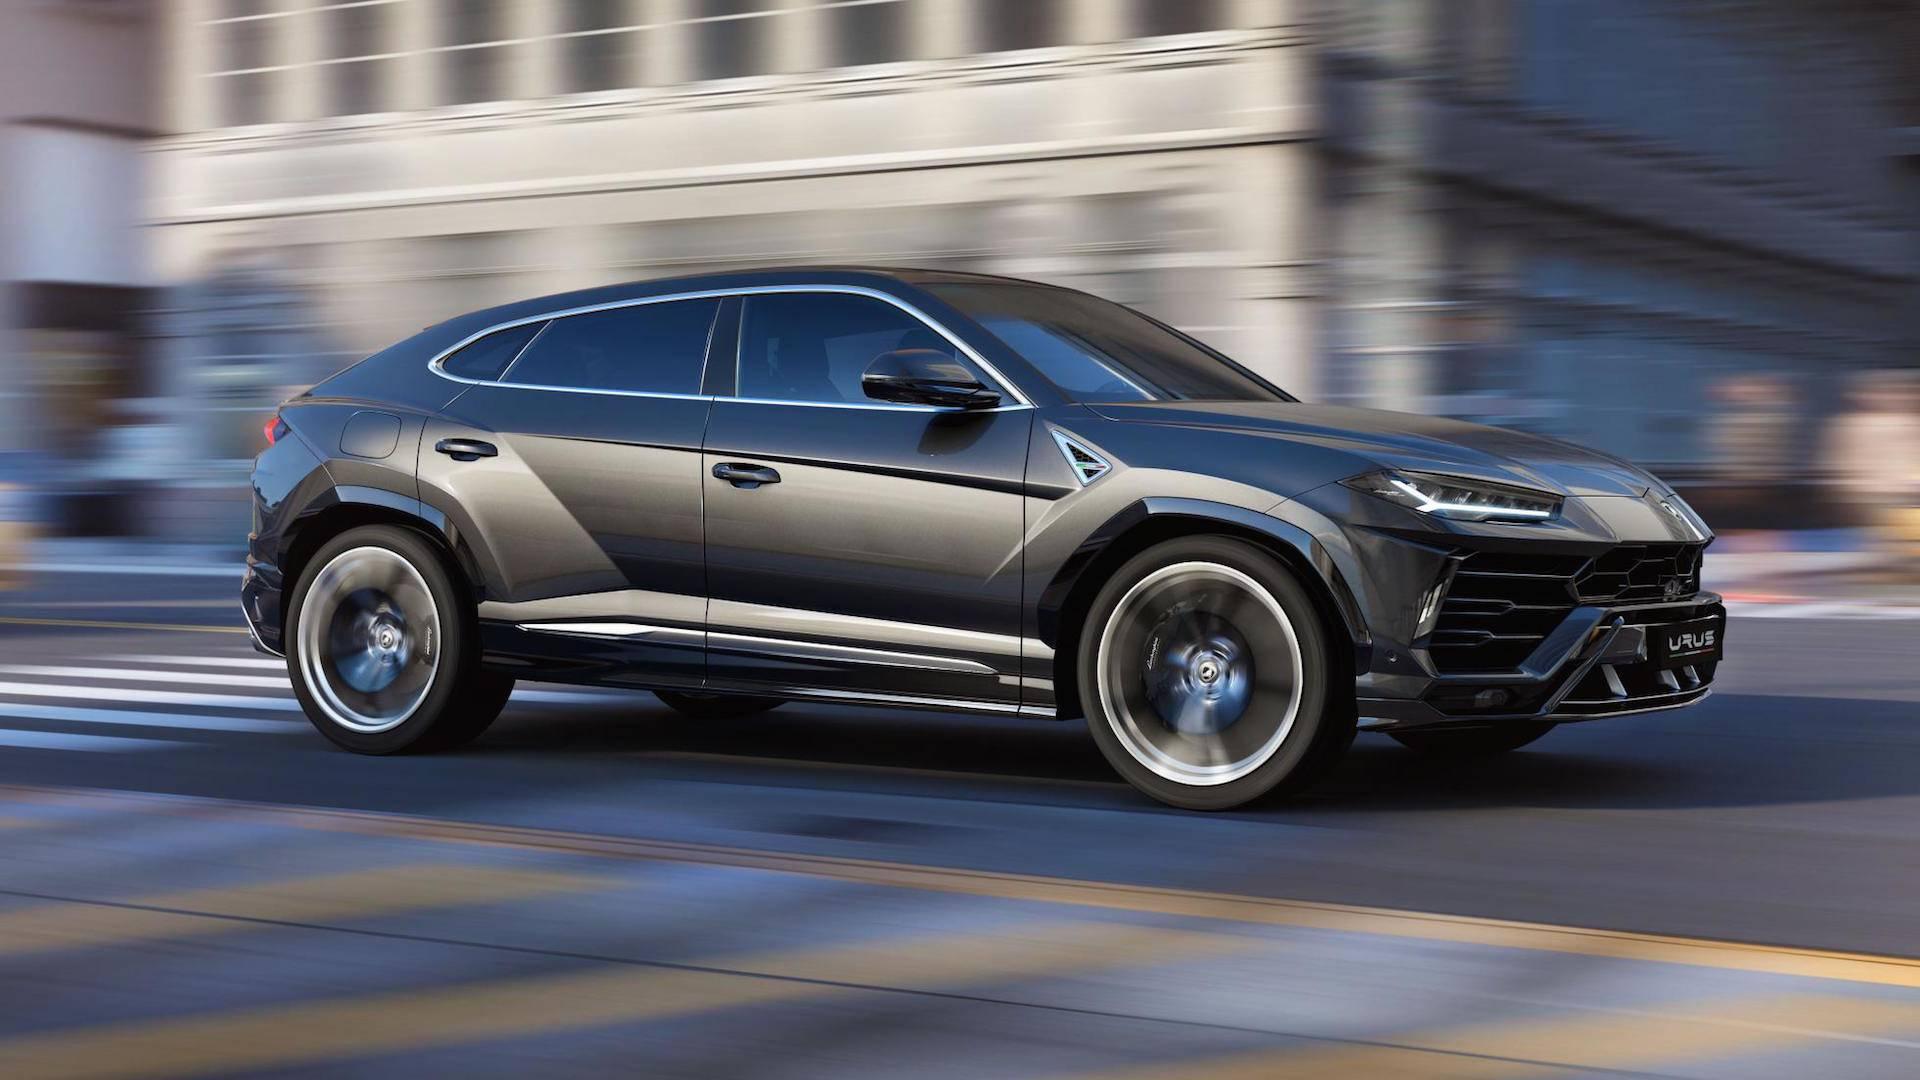 2019-Lamborghini-Urus_3